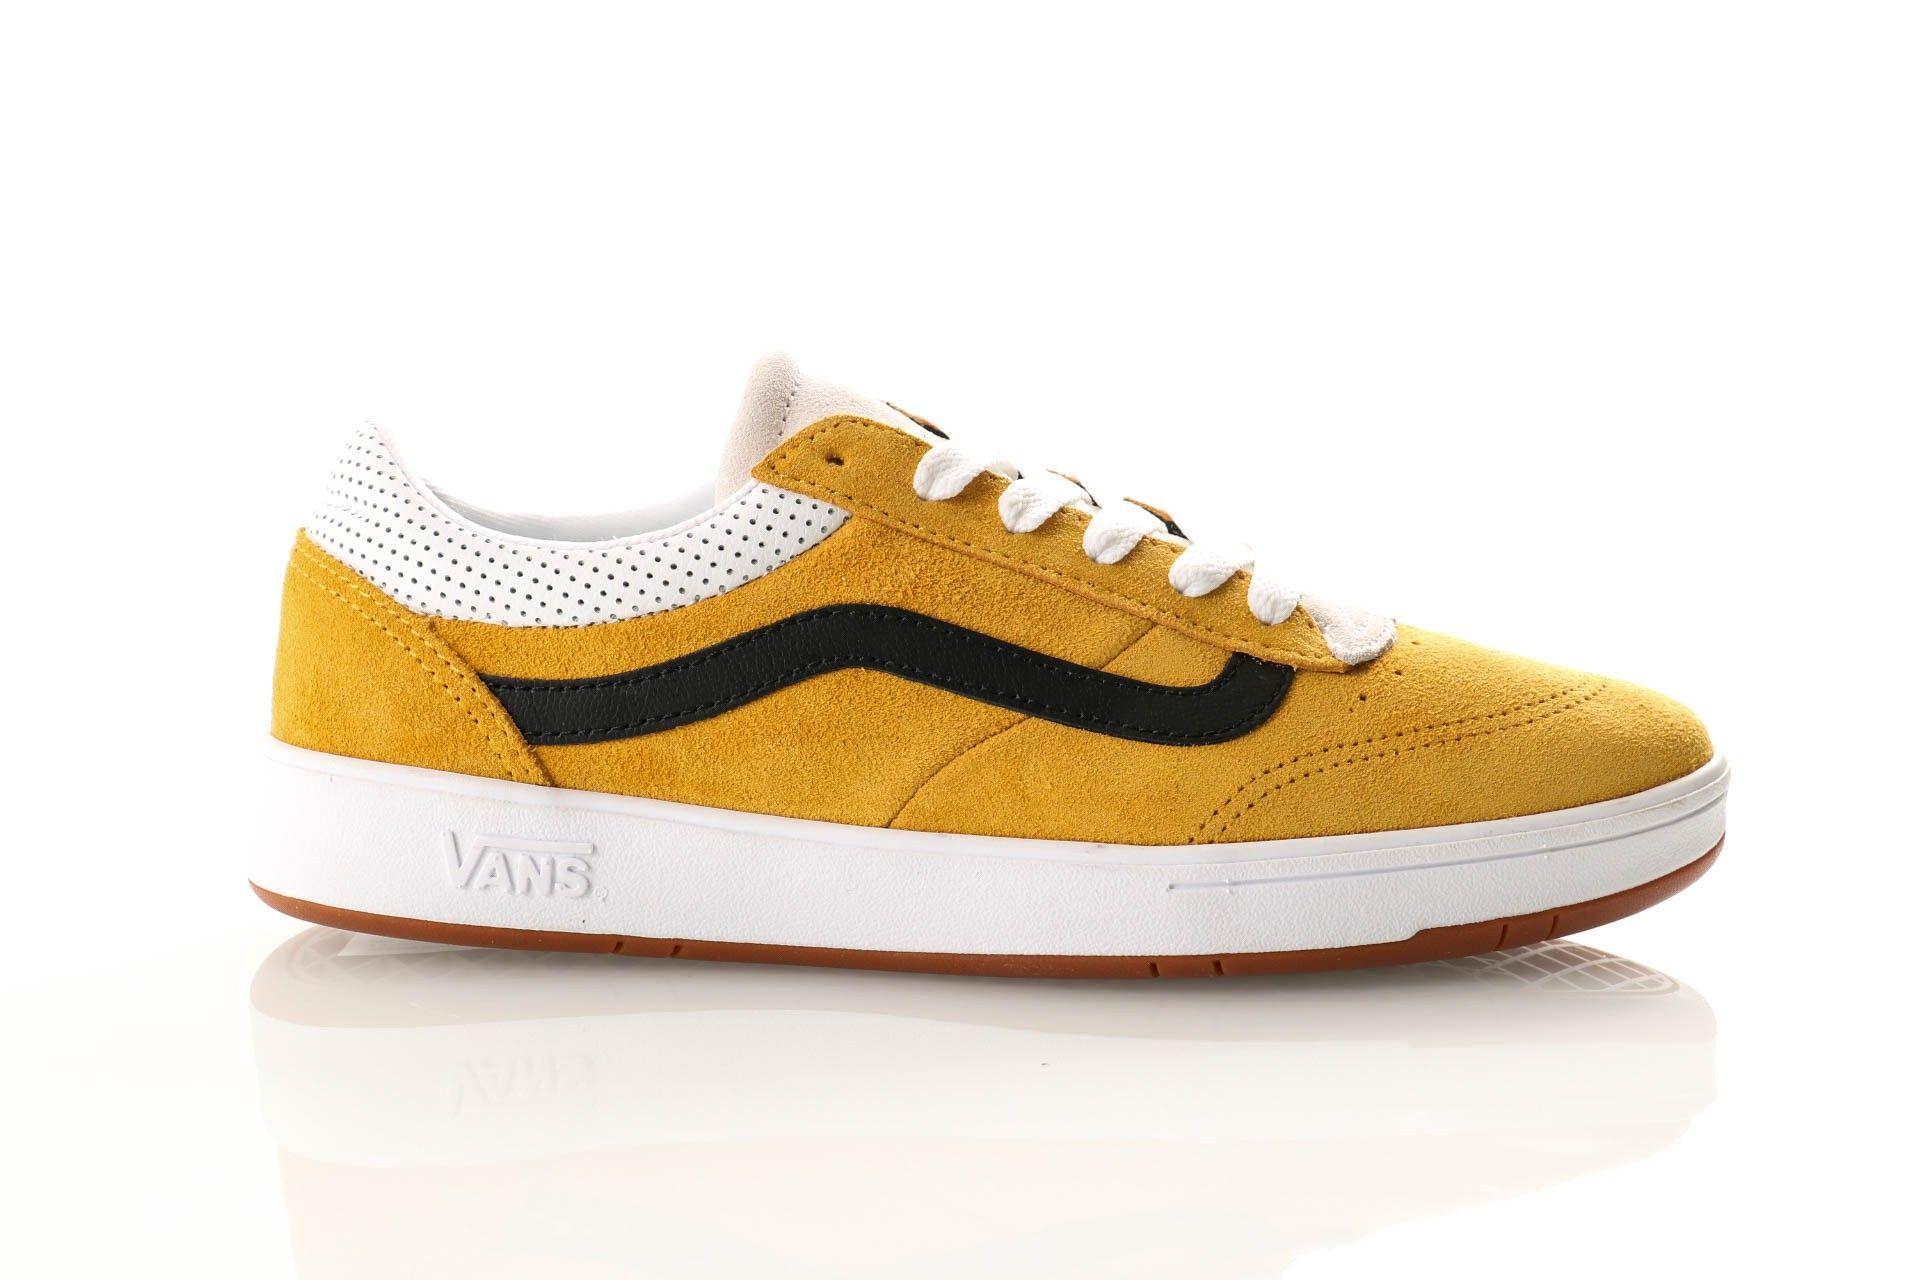 Afbeelding van Vans Ua Cruze Cc Vn0A3Wlzvxc1 Sneakers (Vintage Suede) Mango Mojito/Black